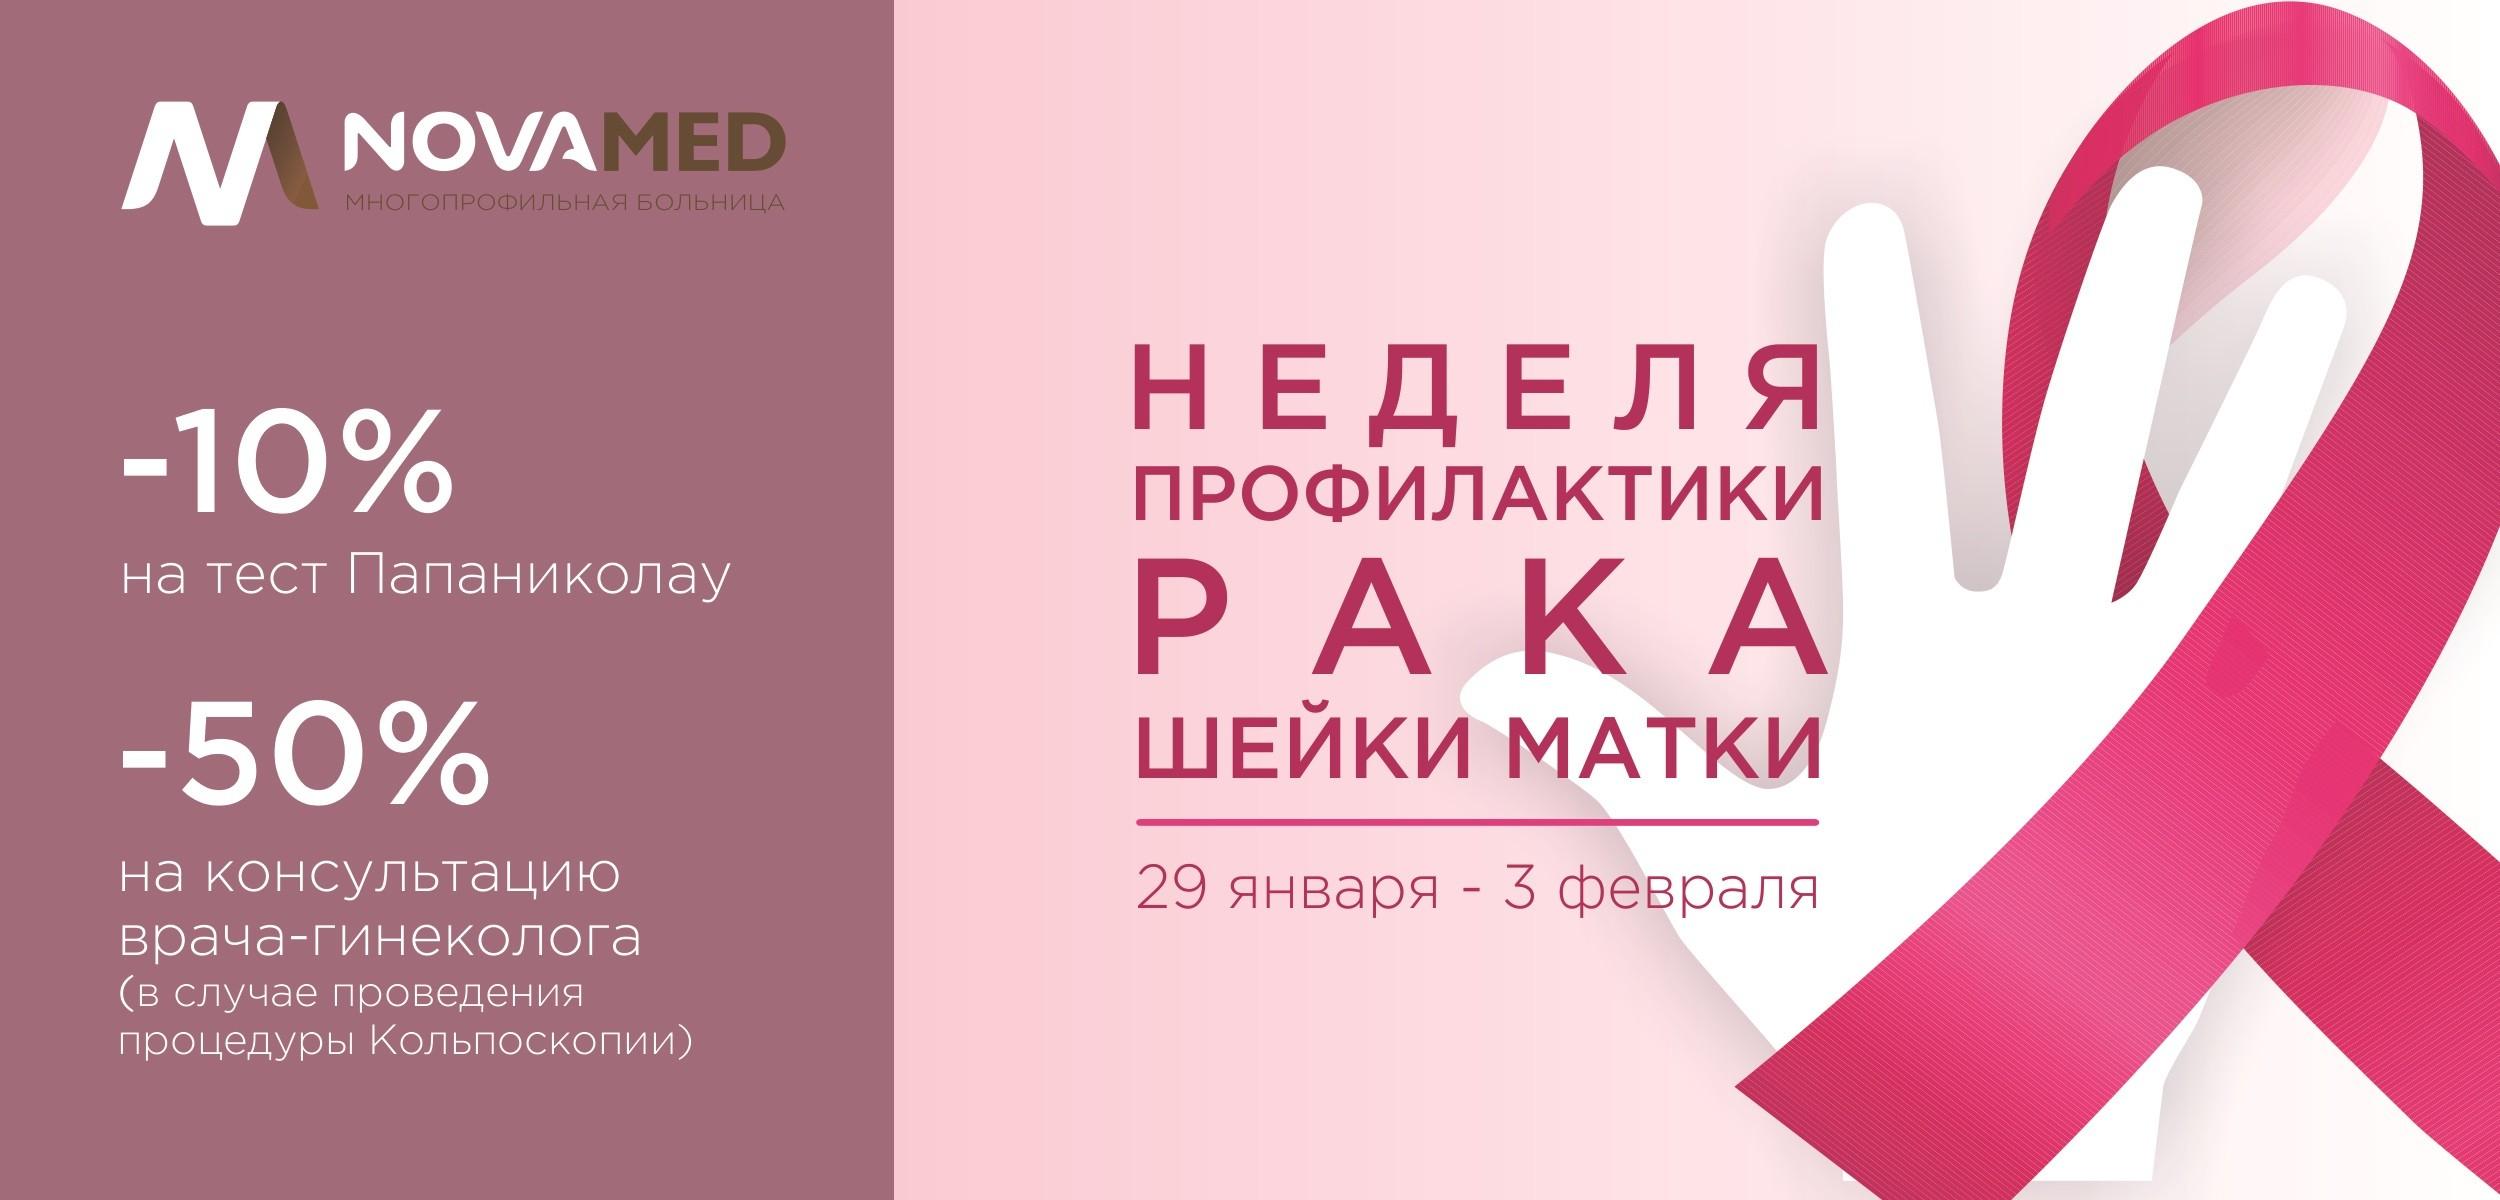 Nova Med неделя профилактики рака шейки матки